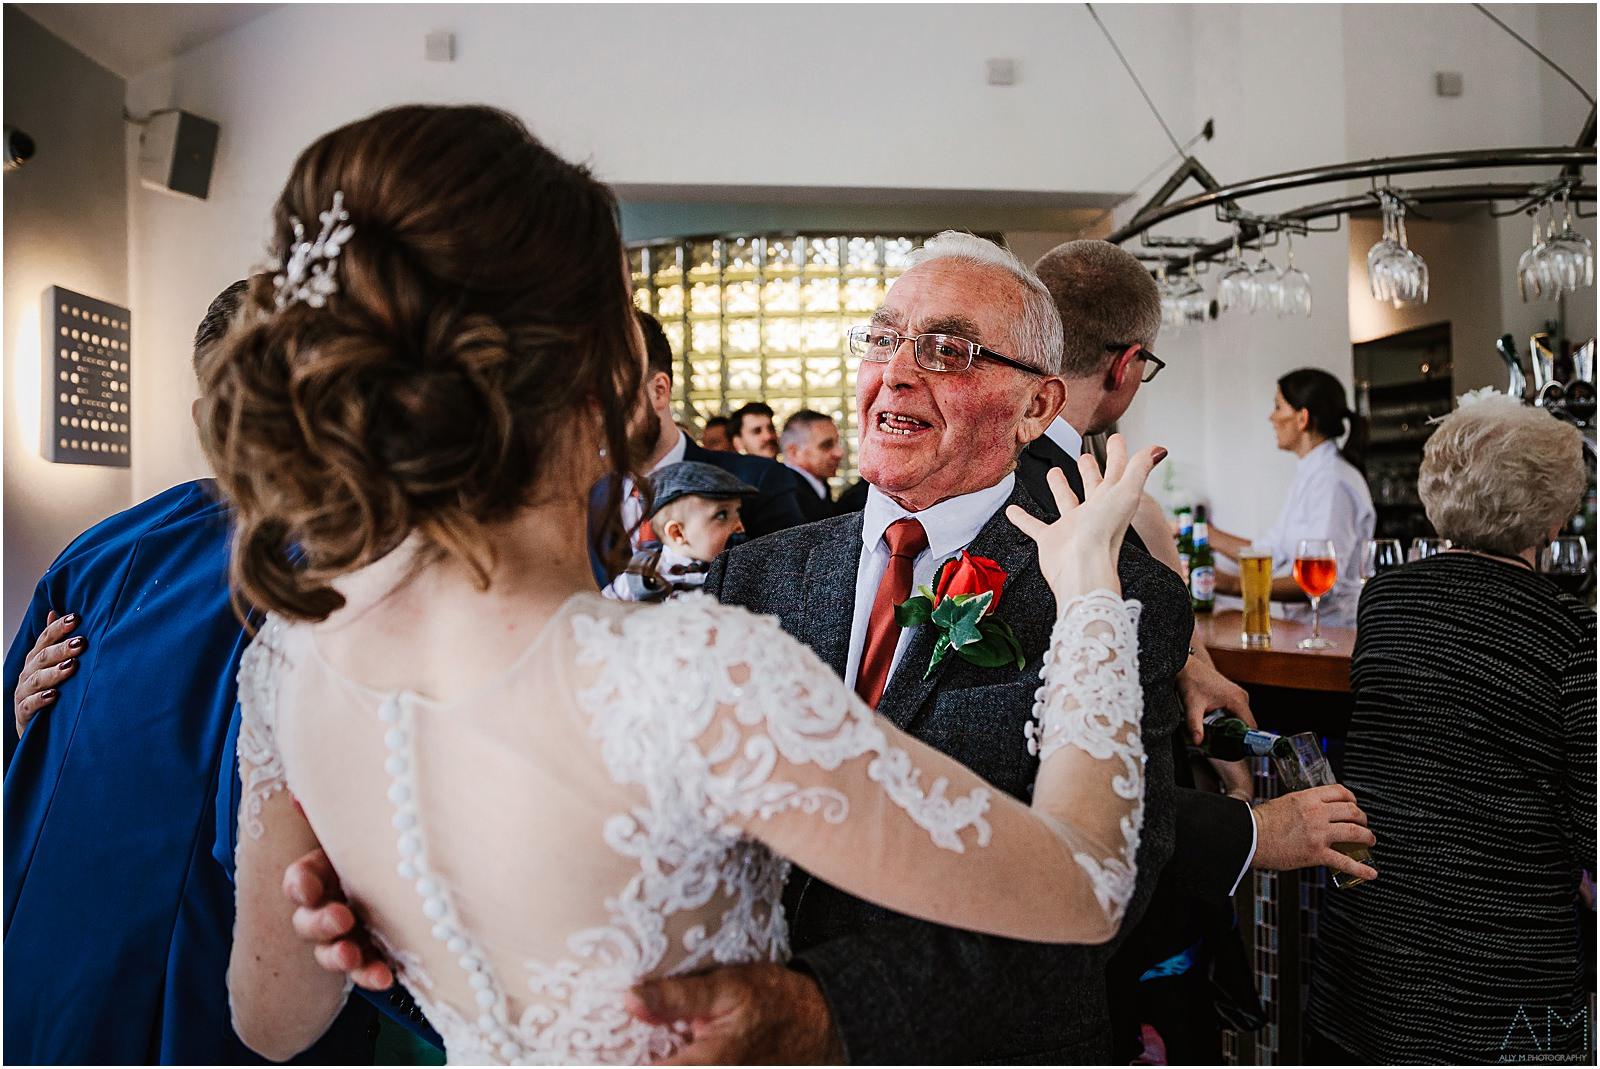 Grandad hugging his bride grandaughter